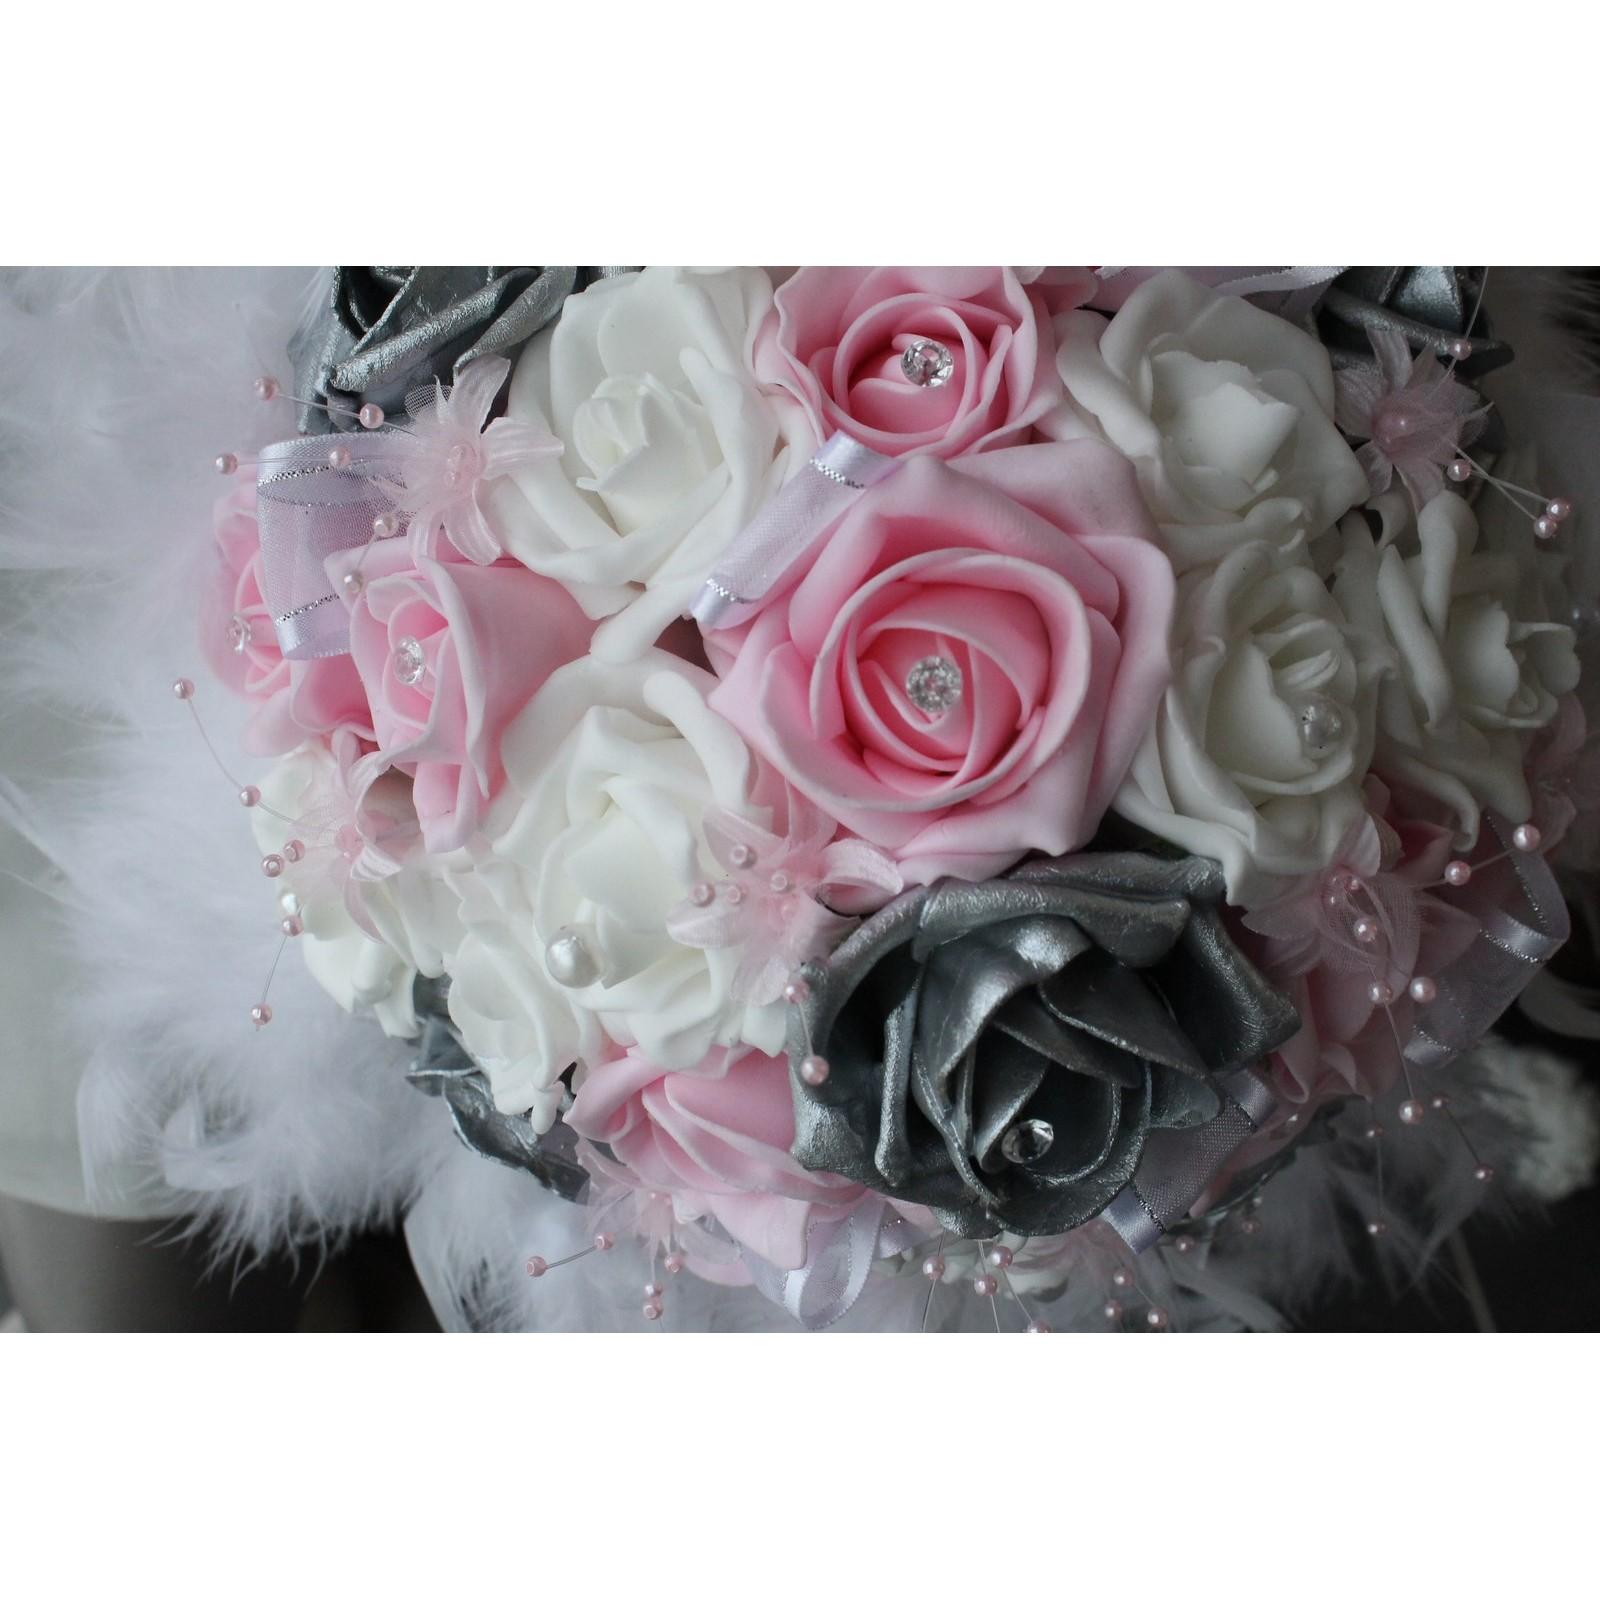 bouquet mariée roses blanc ou ivoire, rose, argent et plumes